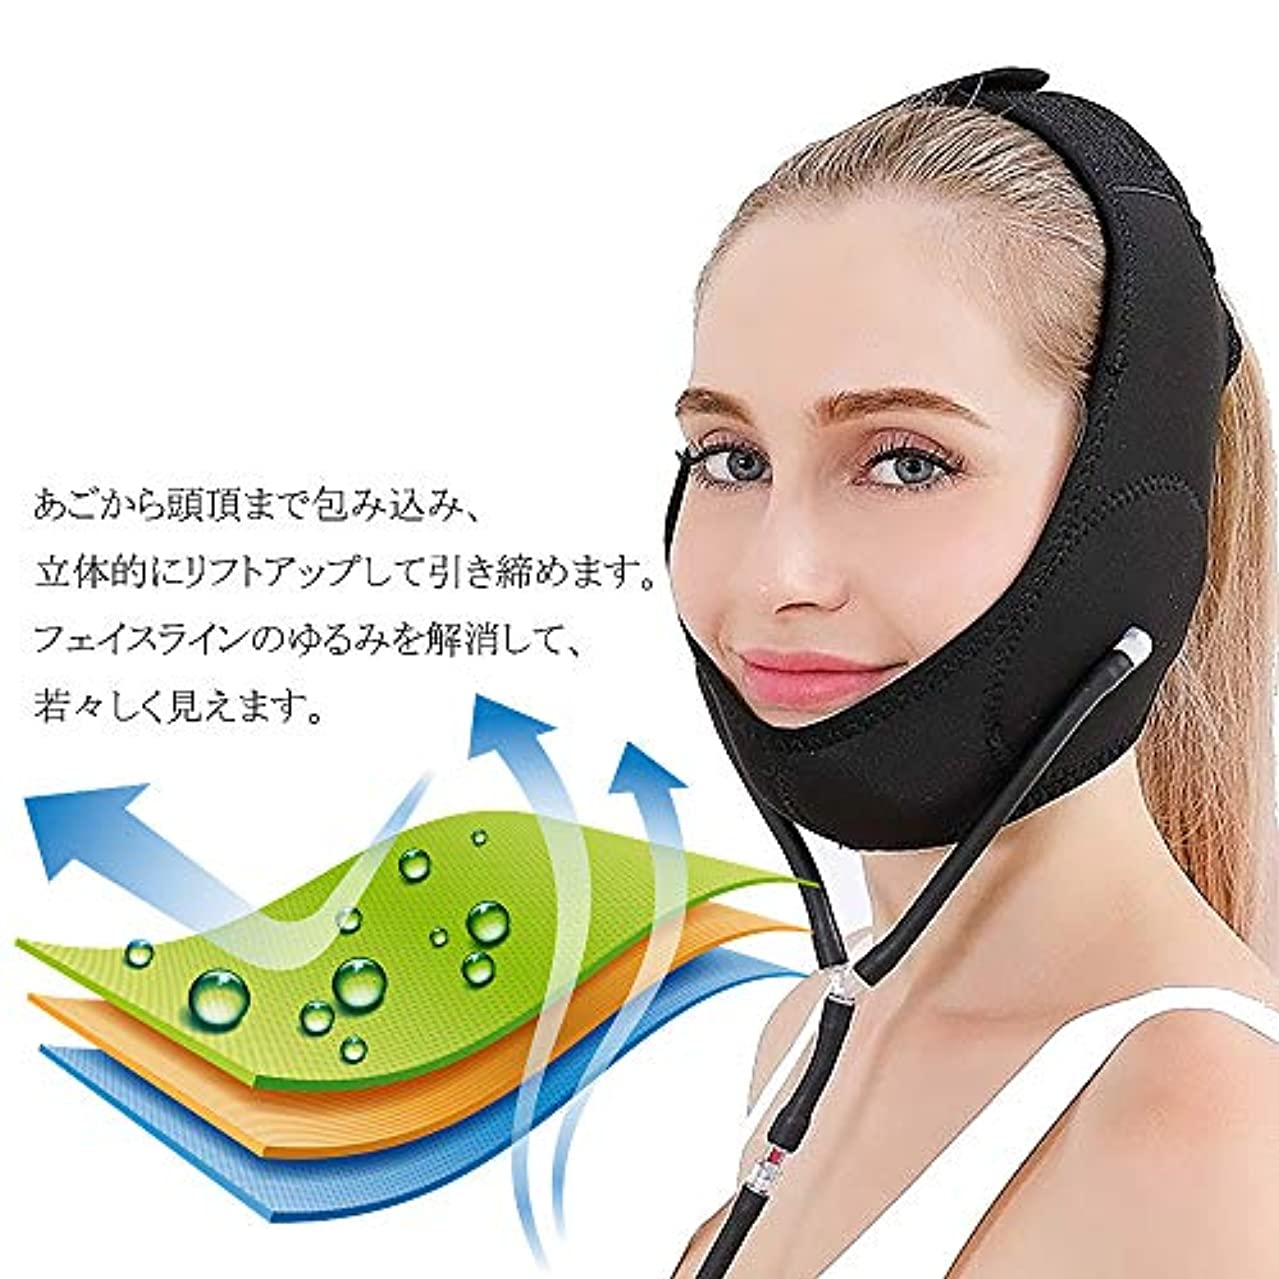 吸収不一致終わりSHQIDLILAG (ヨイ) エアー 顔やせ マスク 小顔 ほうれい線 空気入れ エアーポンプ 顔のエクササイズ フェイスリフト レディース (フリーサイズ, ピンク) (B)